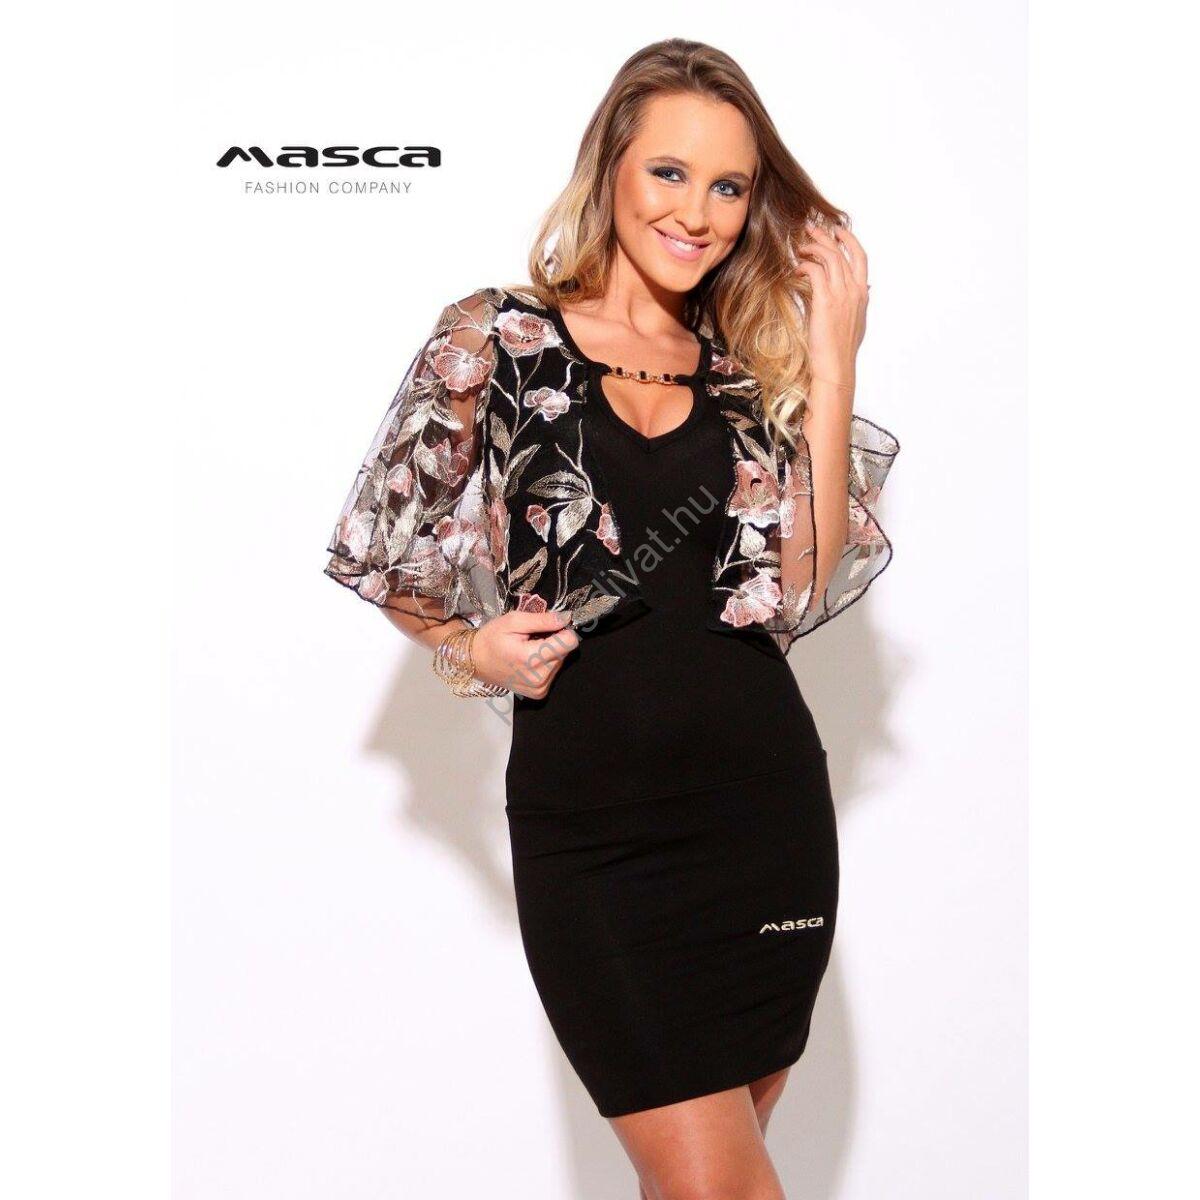 Kép 1 1 - Masca Fashion virágos hímzett tüll lepkeujjú fekete alkalmi ruha 01bd75b96f